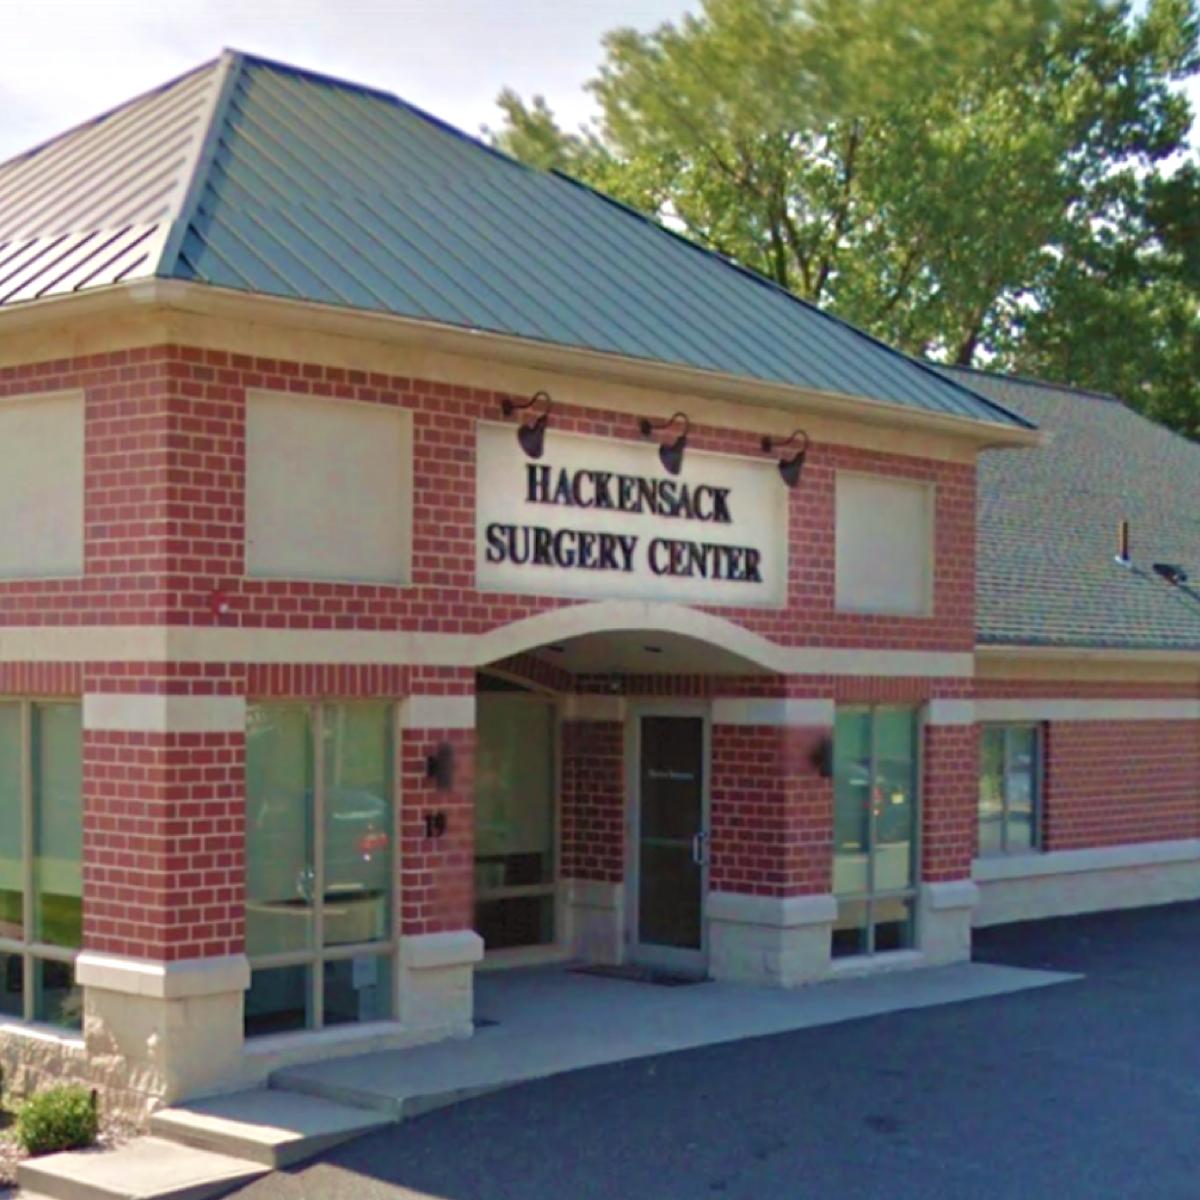 Hackensack Surgery Center, LLC